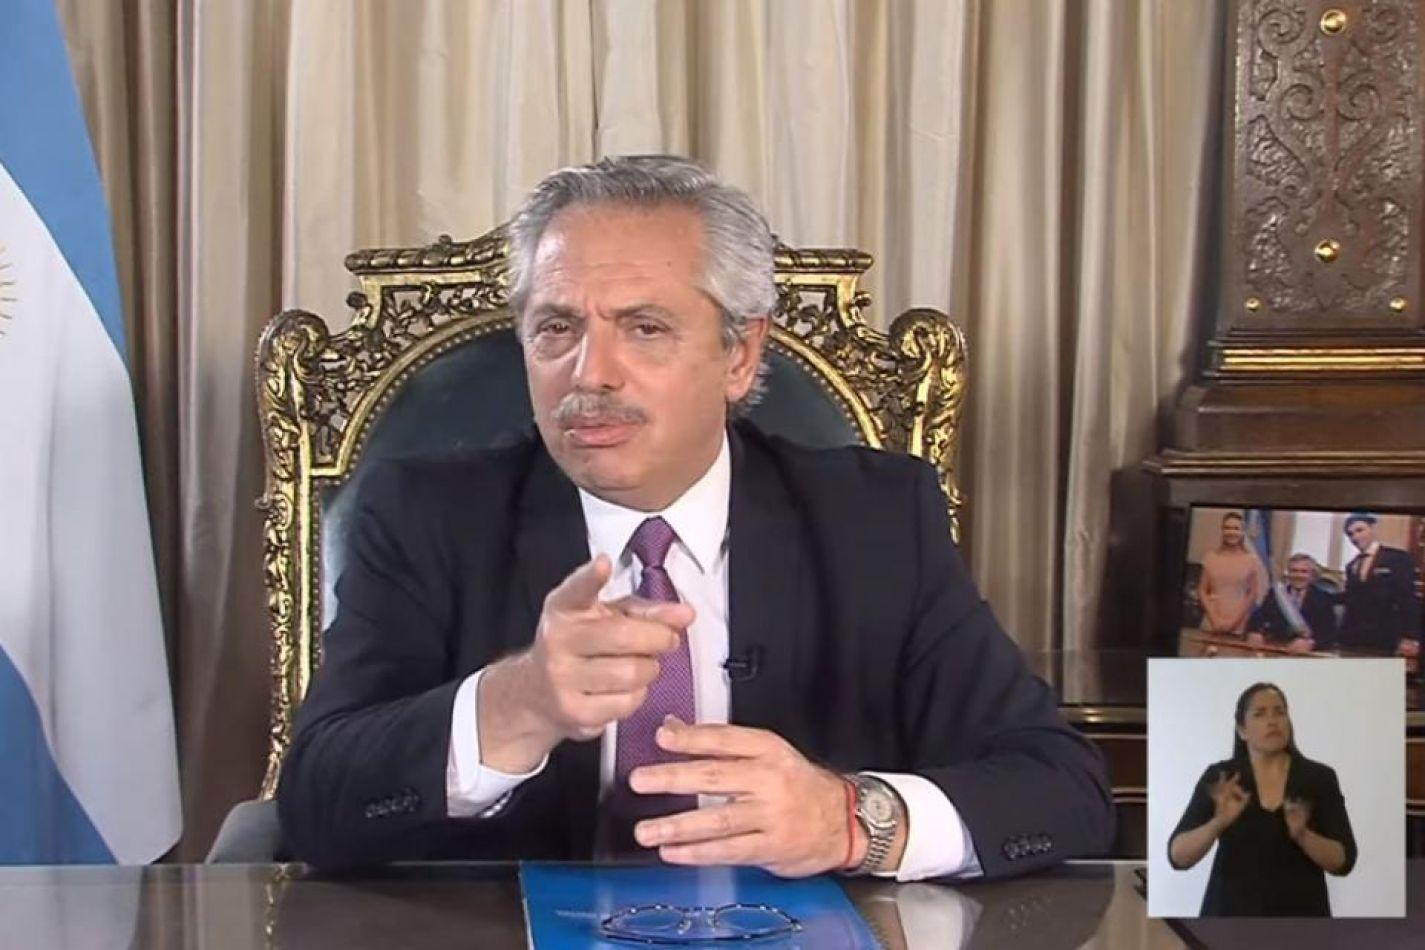 Alberto anunciará el sábado la extensión de la cuarentena